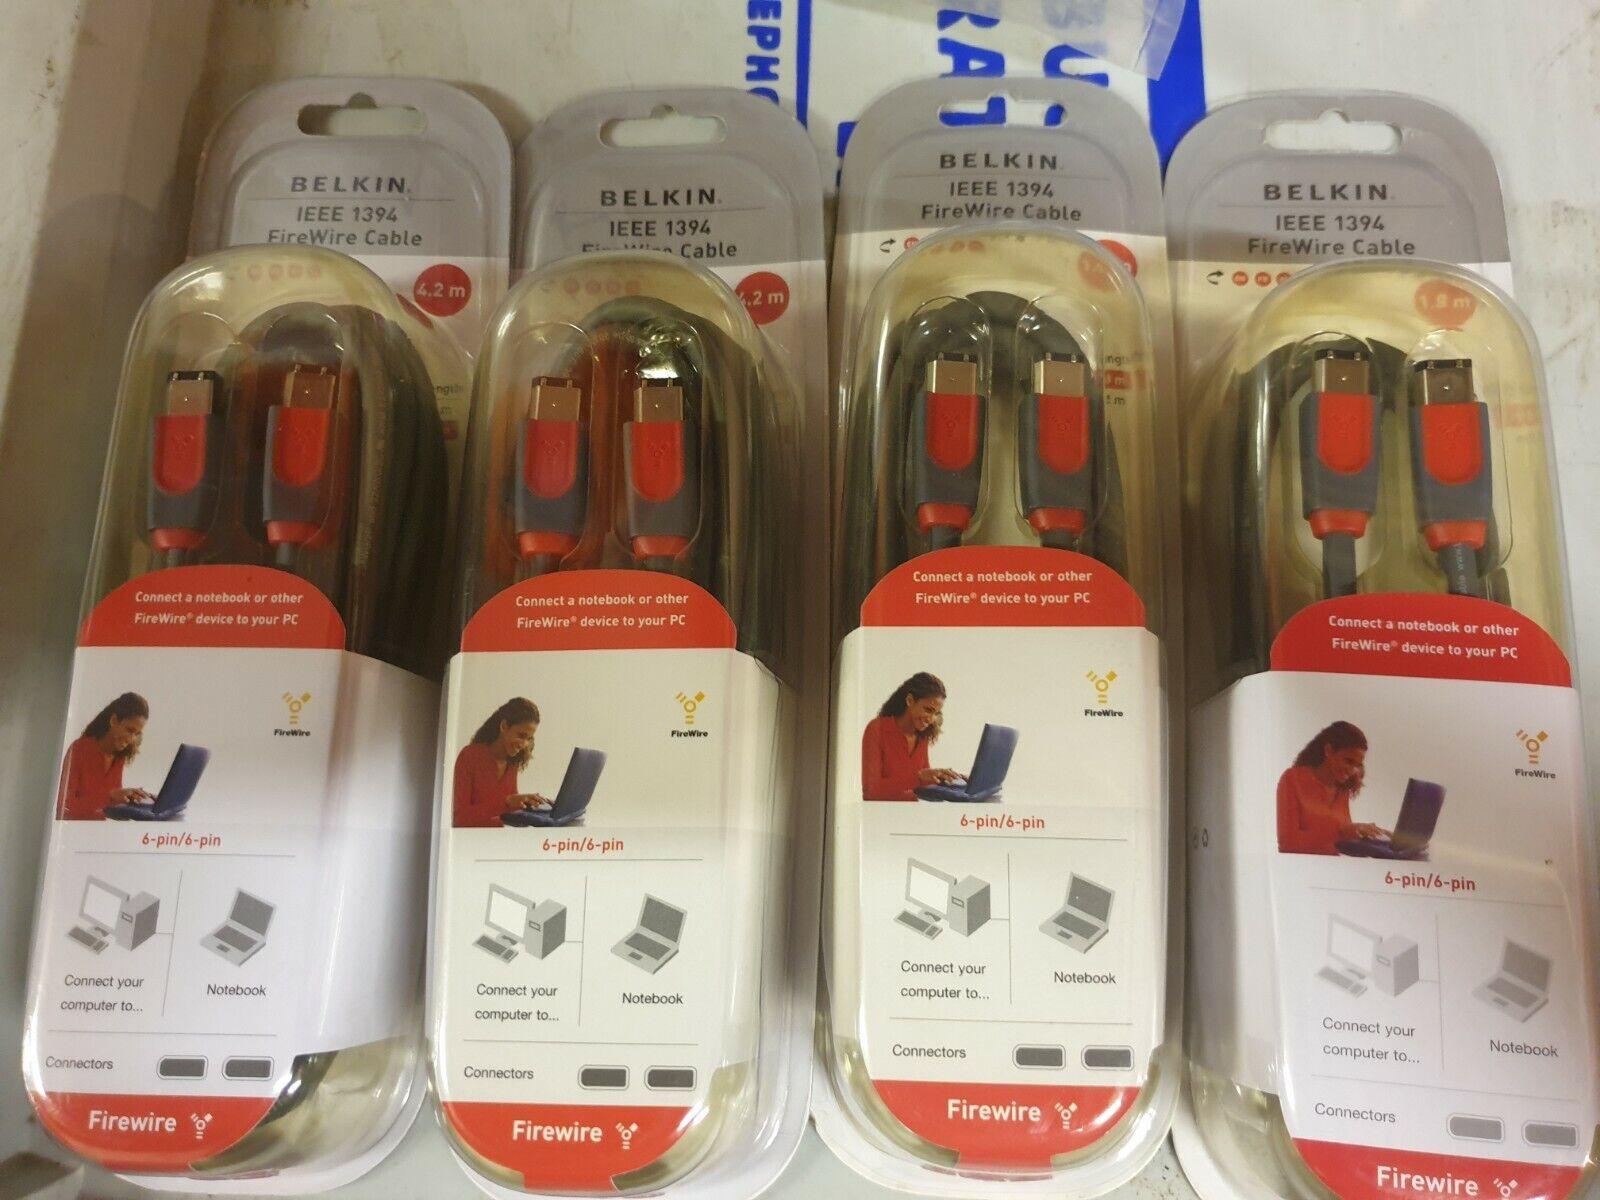 JOB LOT NEW Qty 4 Belkin Firewire Cables [2 x 4.2m] [2 x 1.8m] 6-pin/6-pin